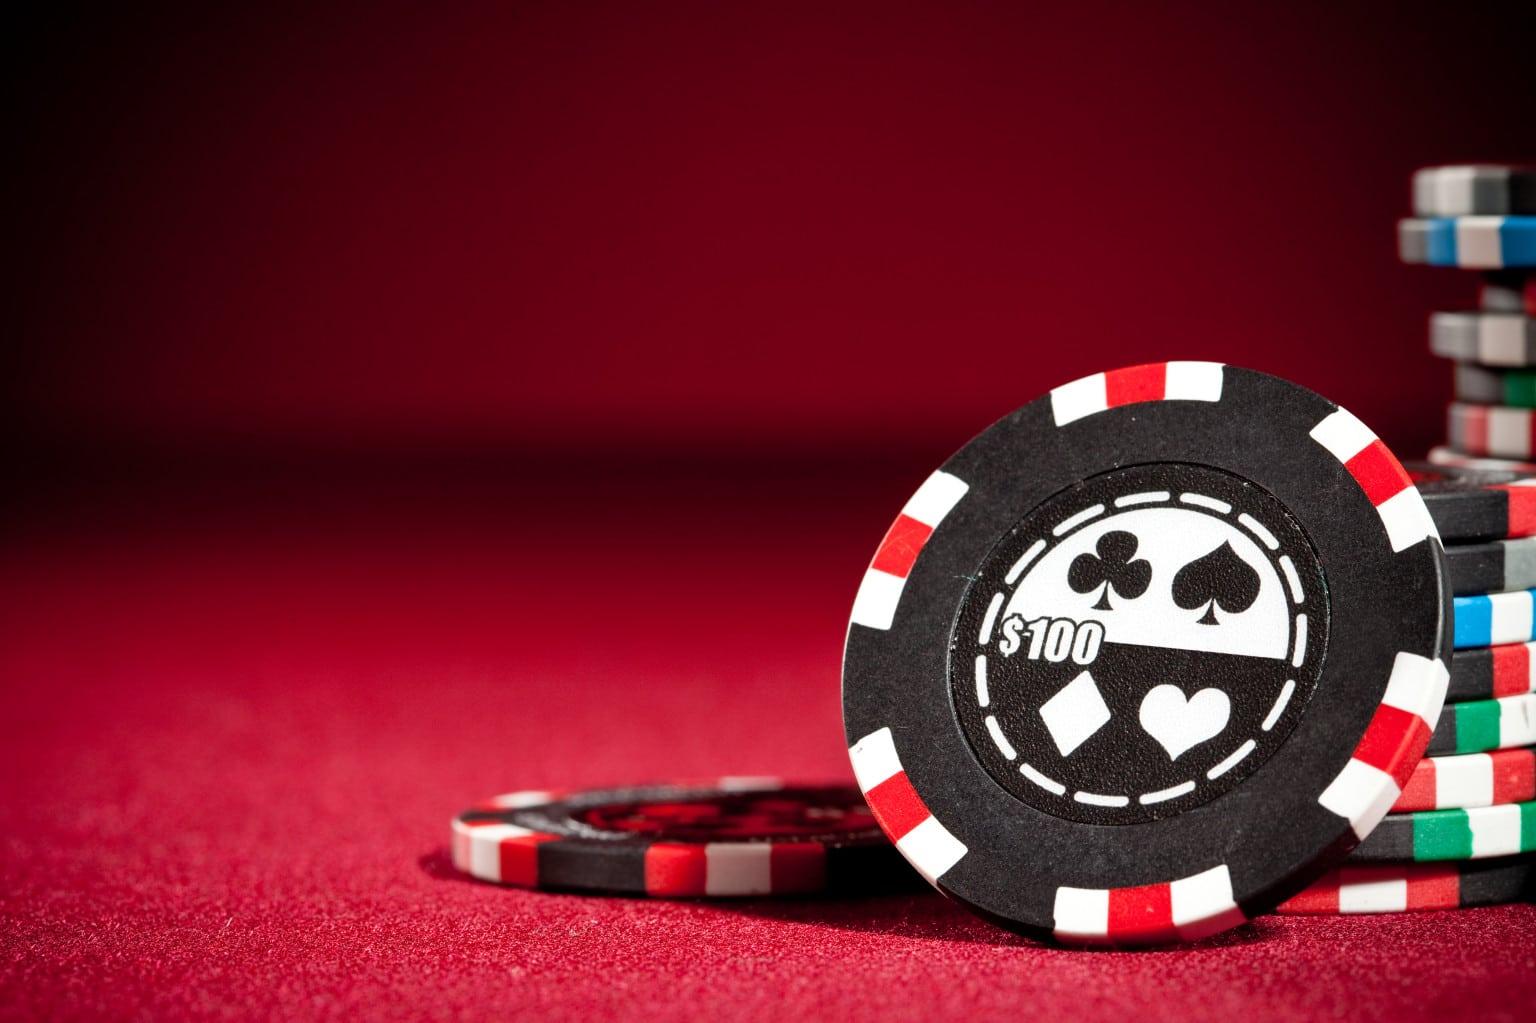 Jeux casino: bientôt en 4D